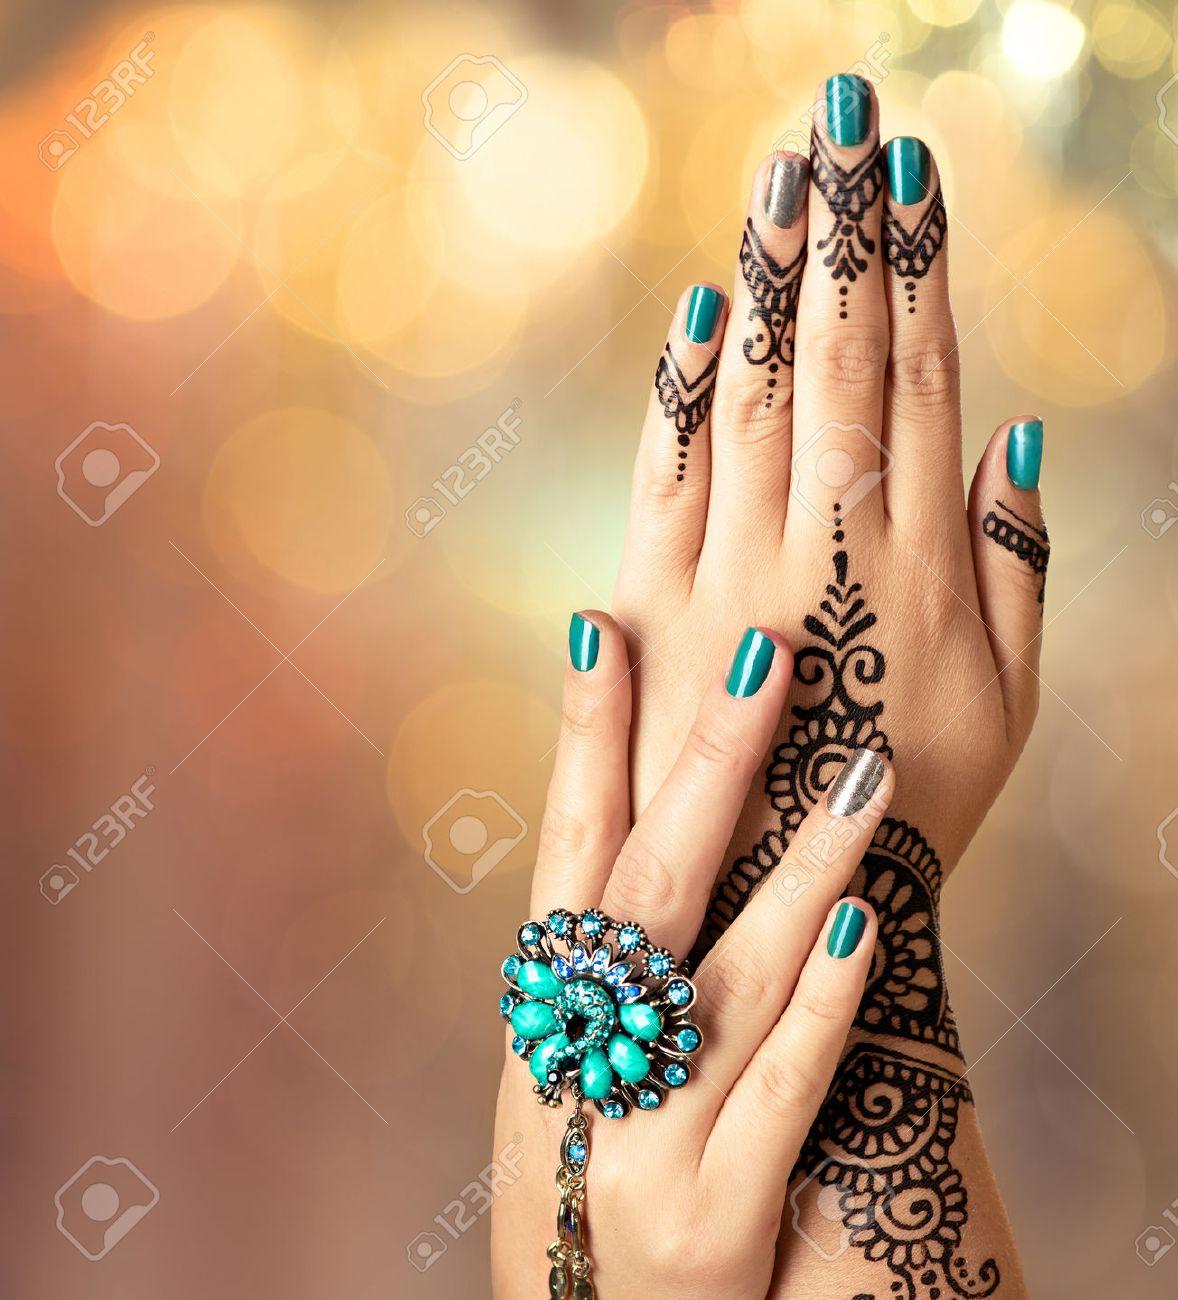 Tatouage Oreille Femme dedans mehndi tatouage. mains de femme avec tatouage au henné noir banque d